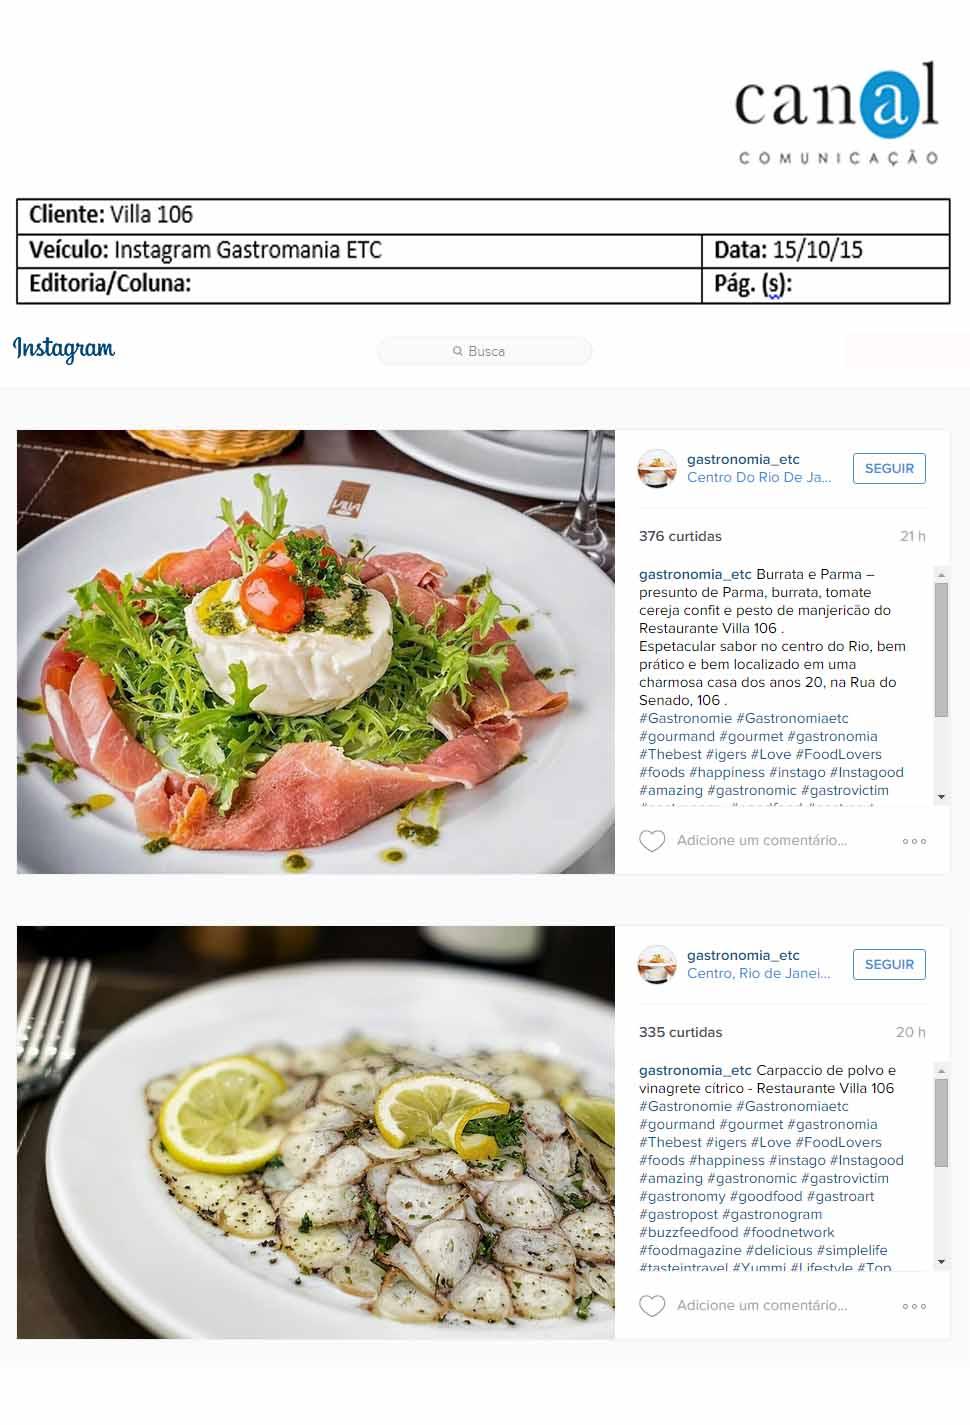 Villa-106_Instagram-Gastromania-Etc_-_15-10-2015